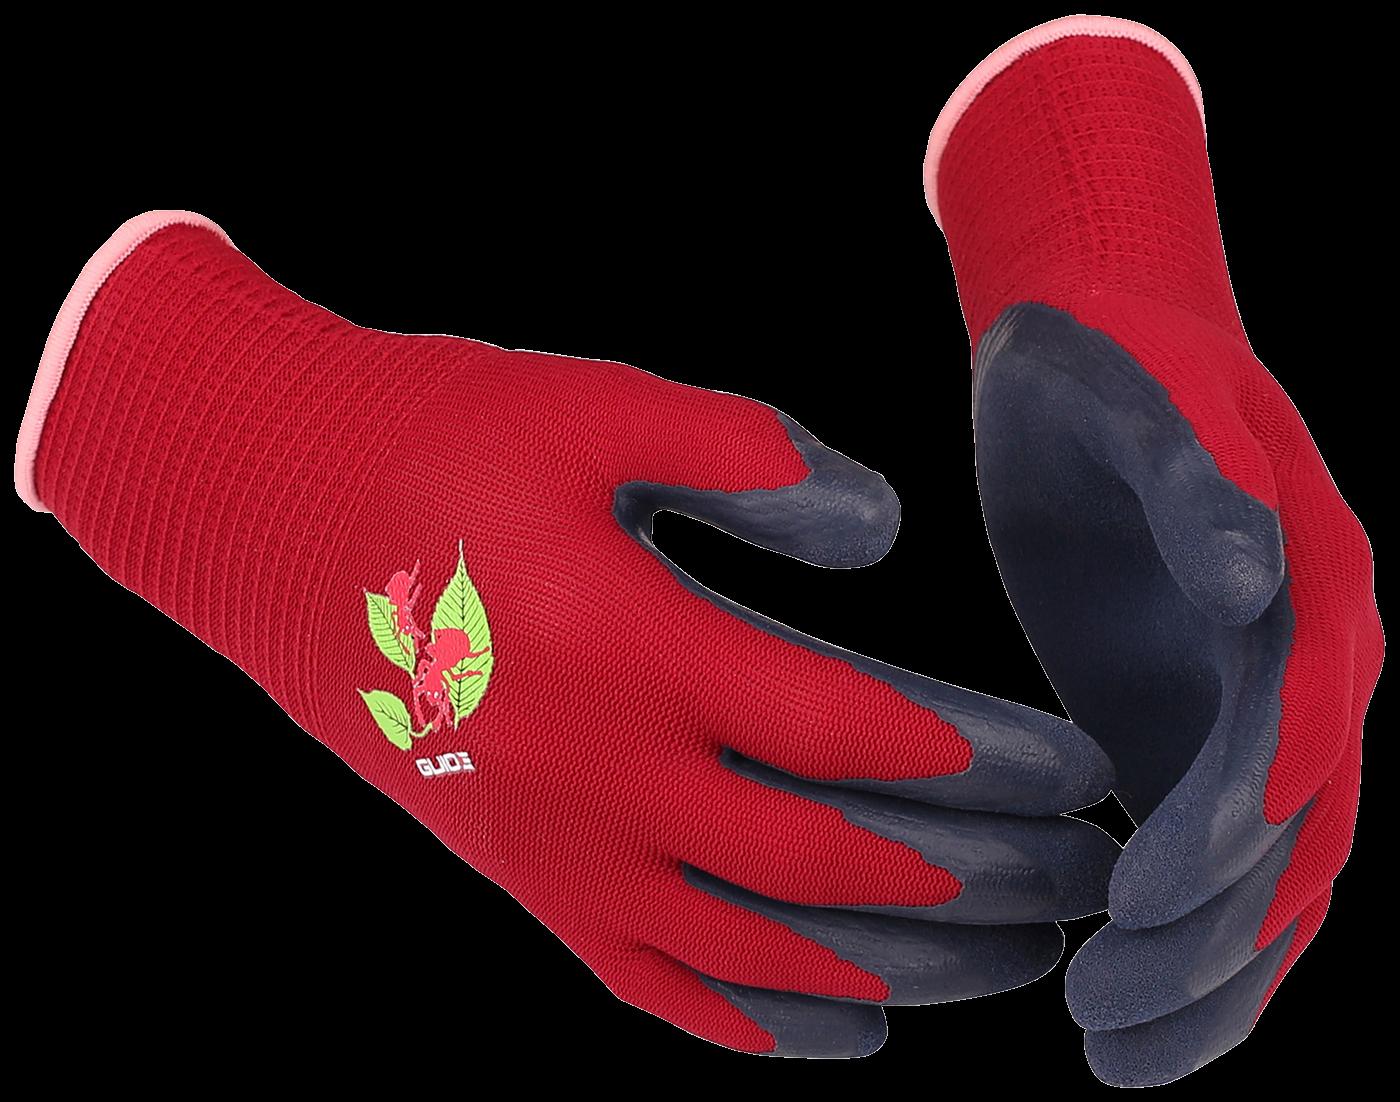 Gardening Glove GUIDE 5539